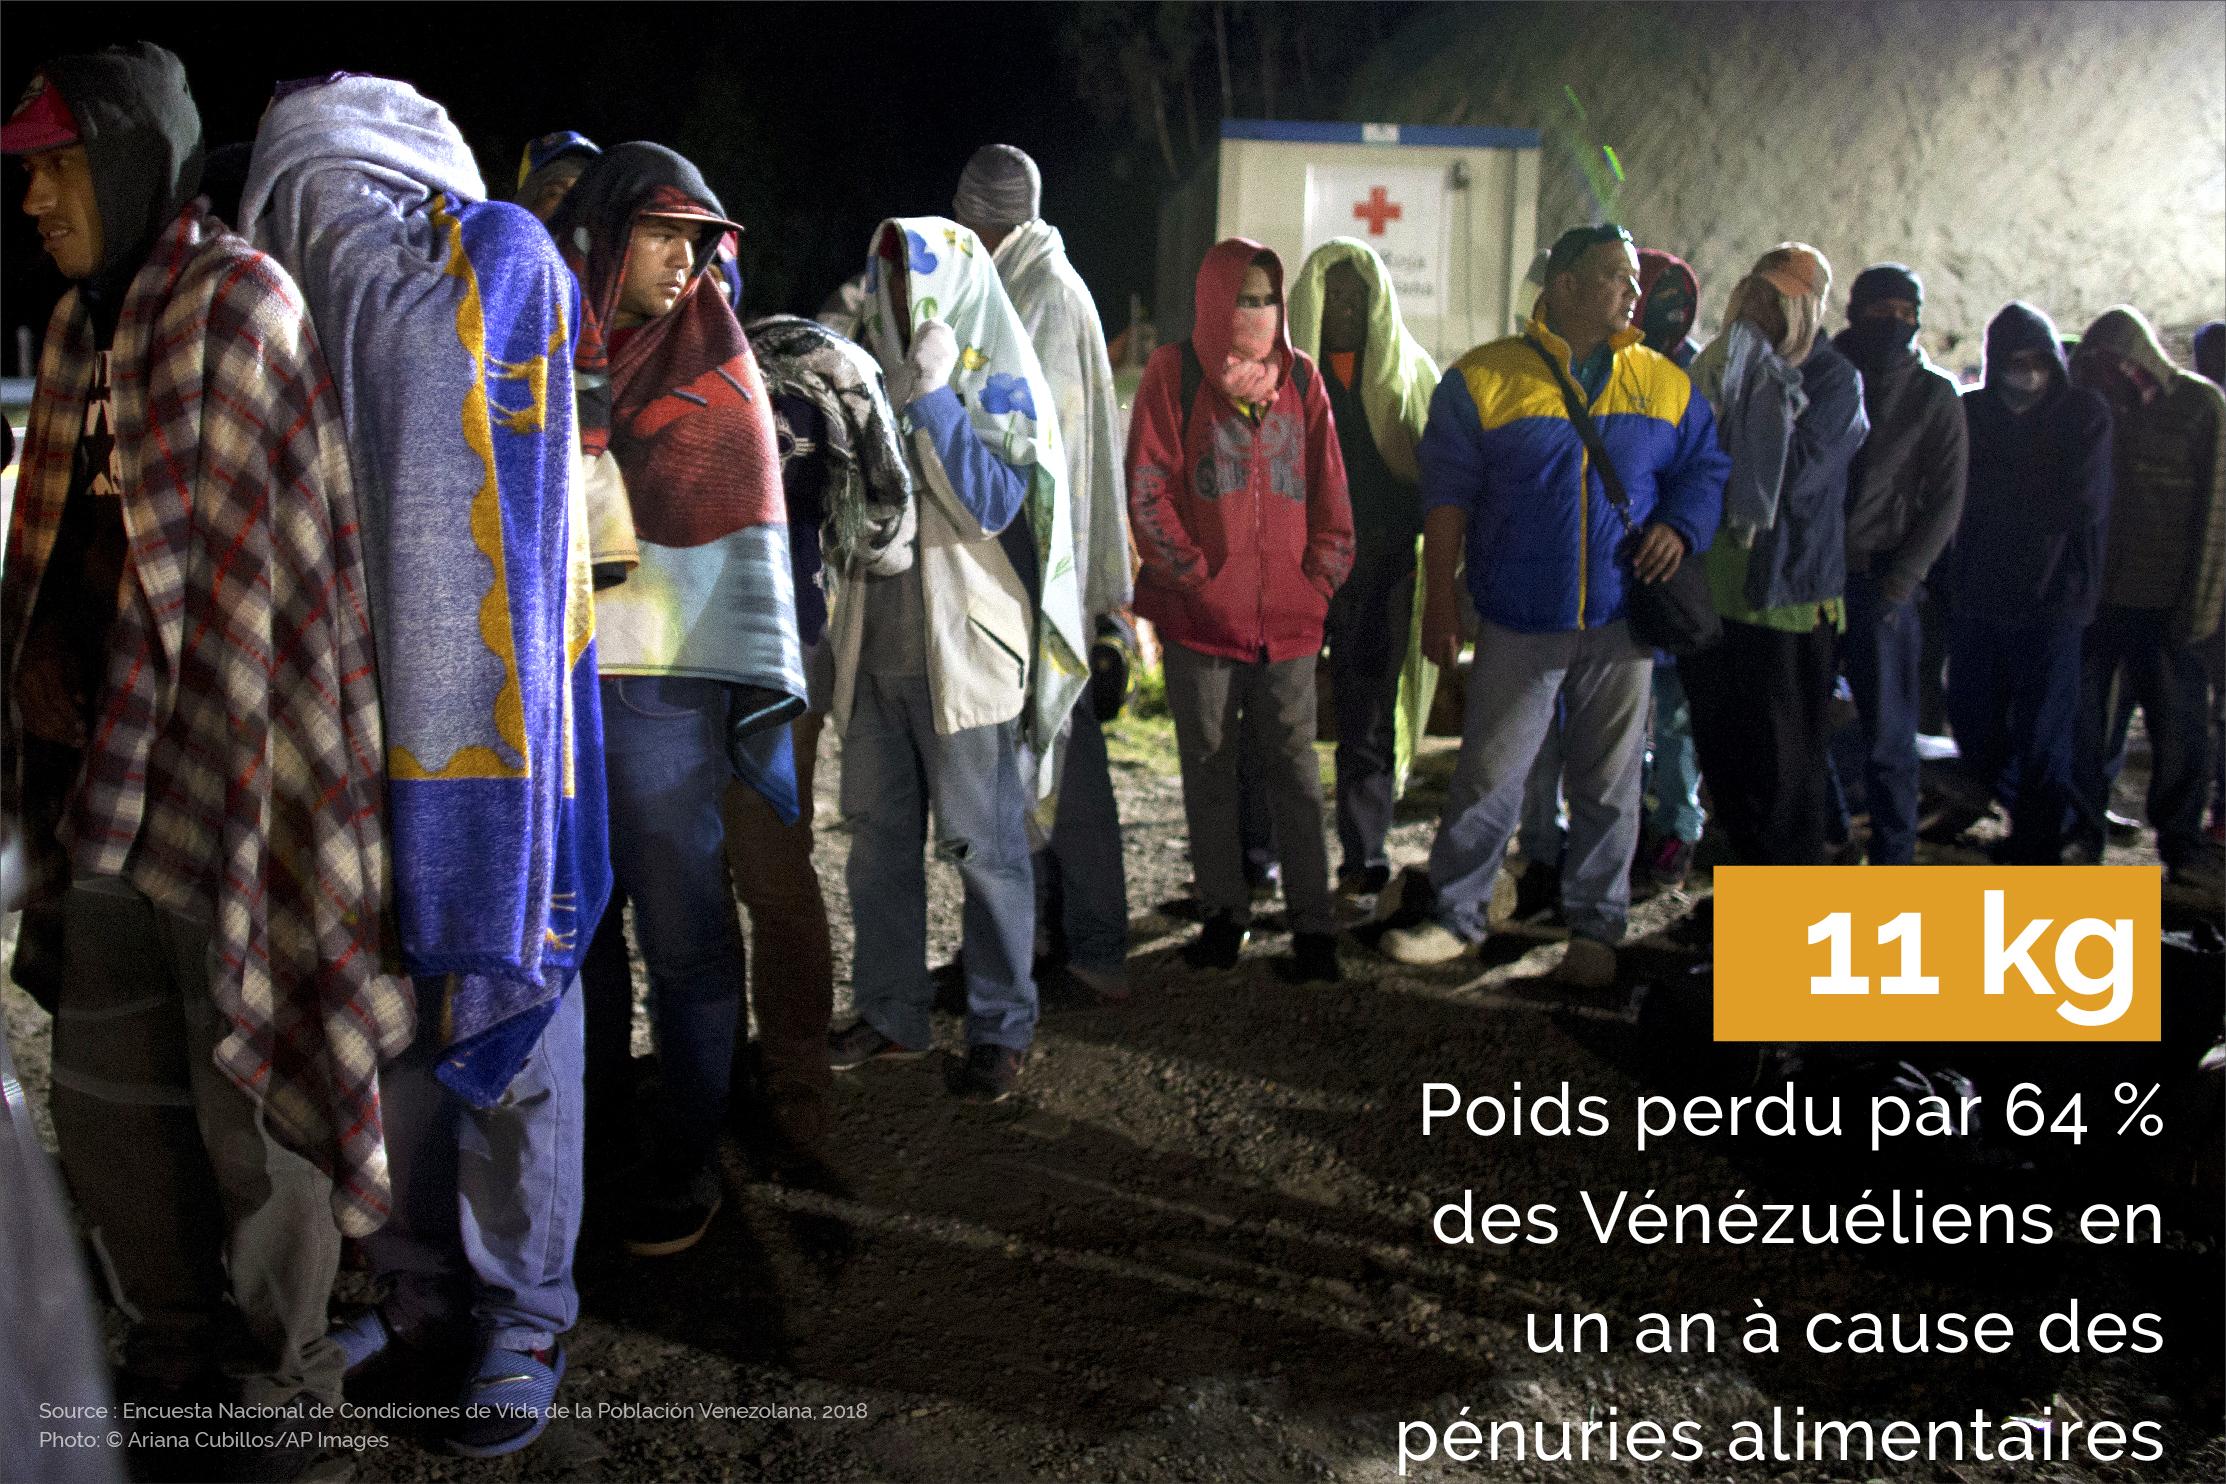 Des gens faisant la queue, avec des données sur le poids perdu en moyenne par les Vénézuéliens en un an (Ariana Cubillos/AP Images)